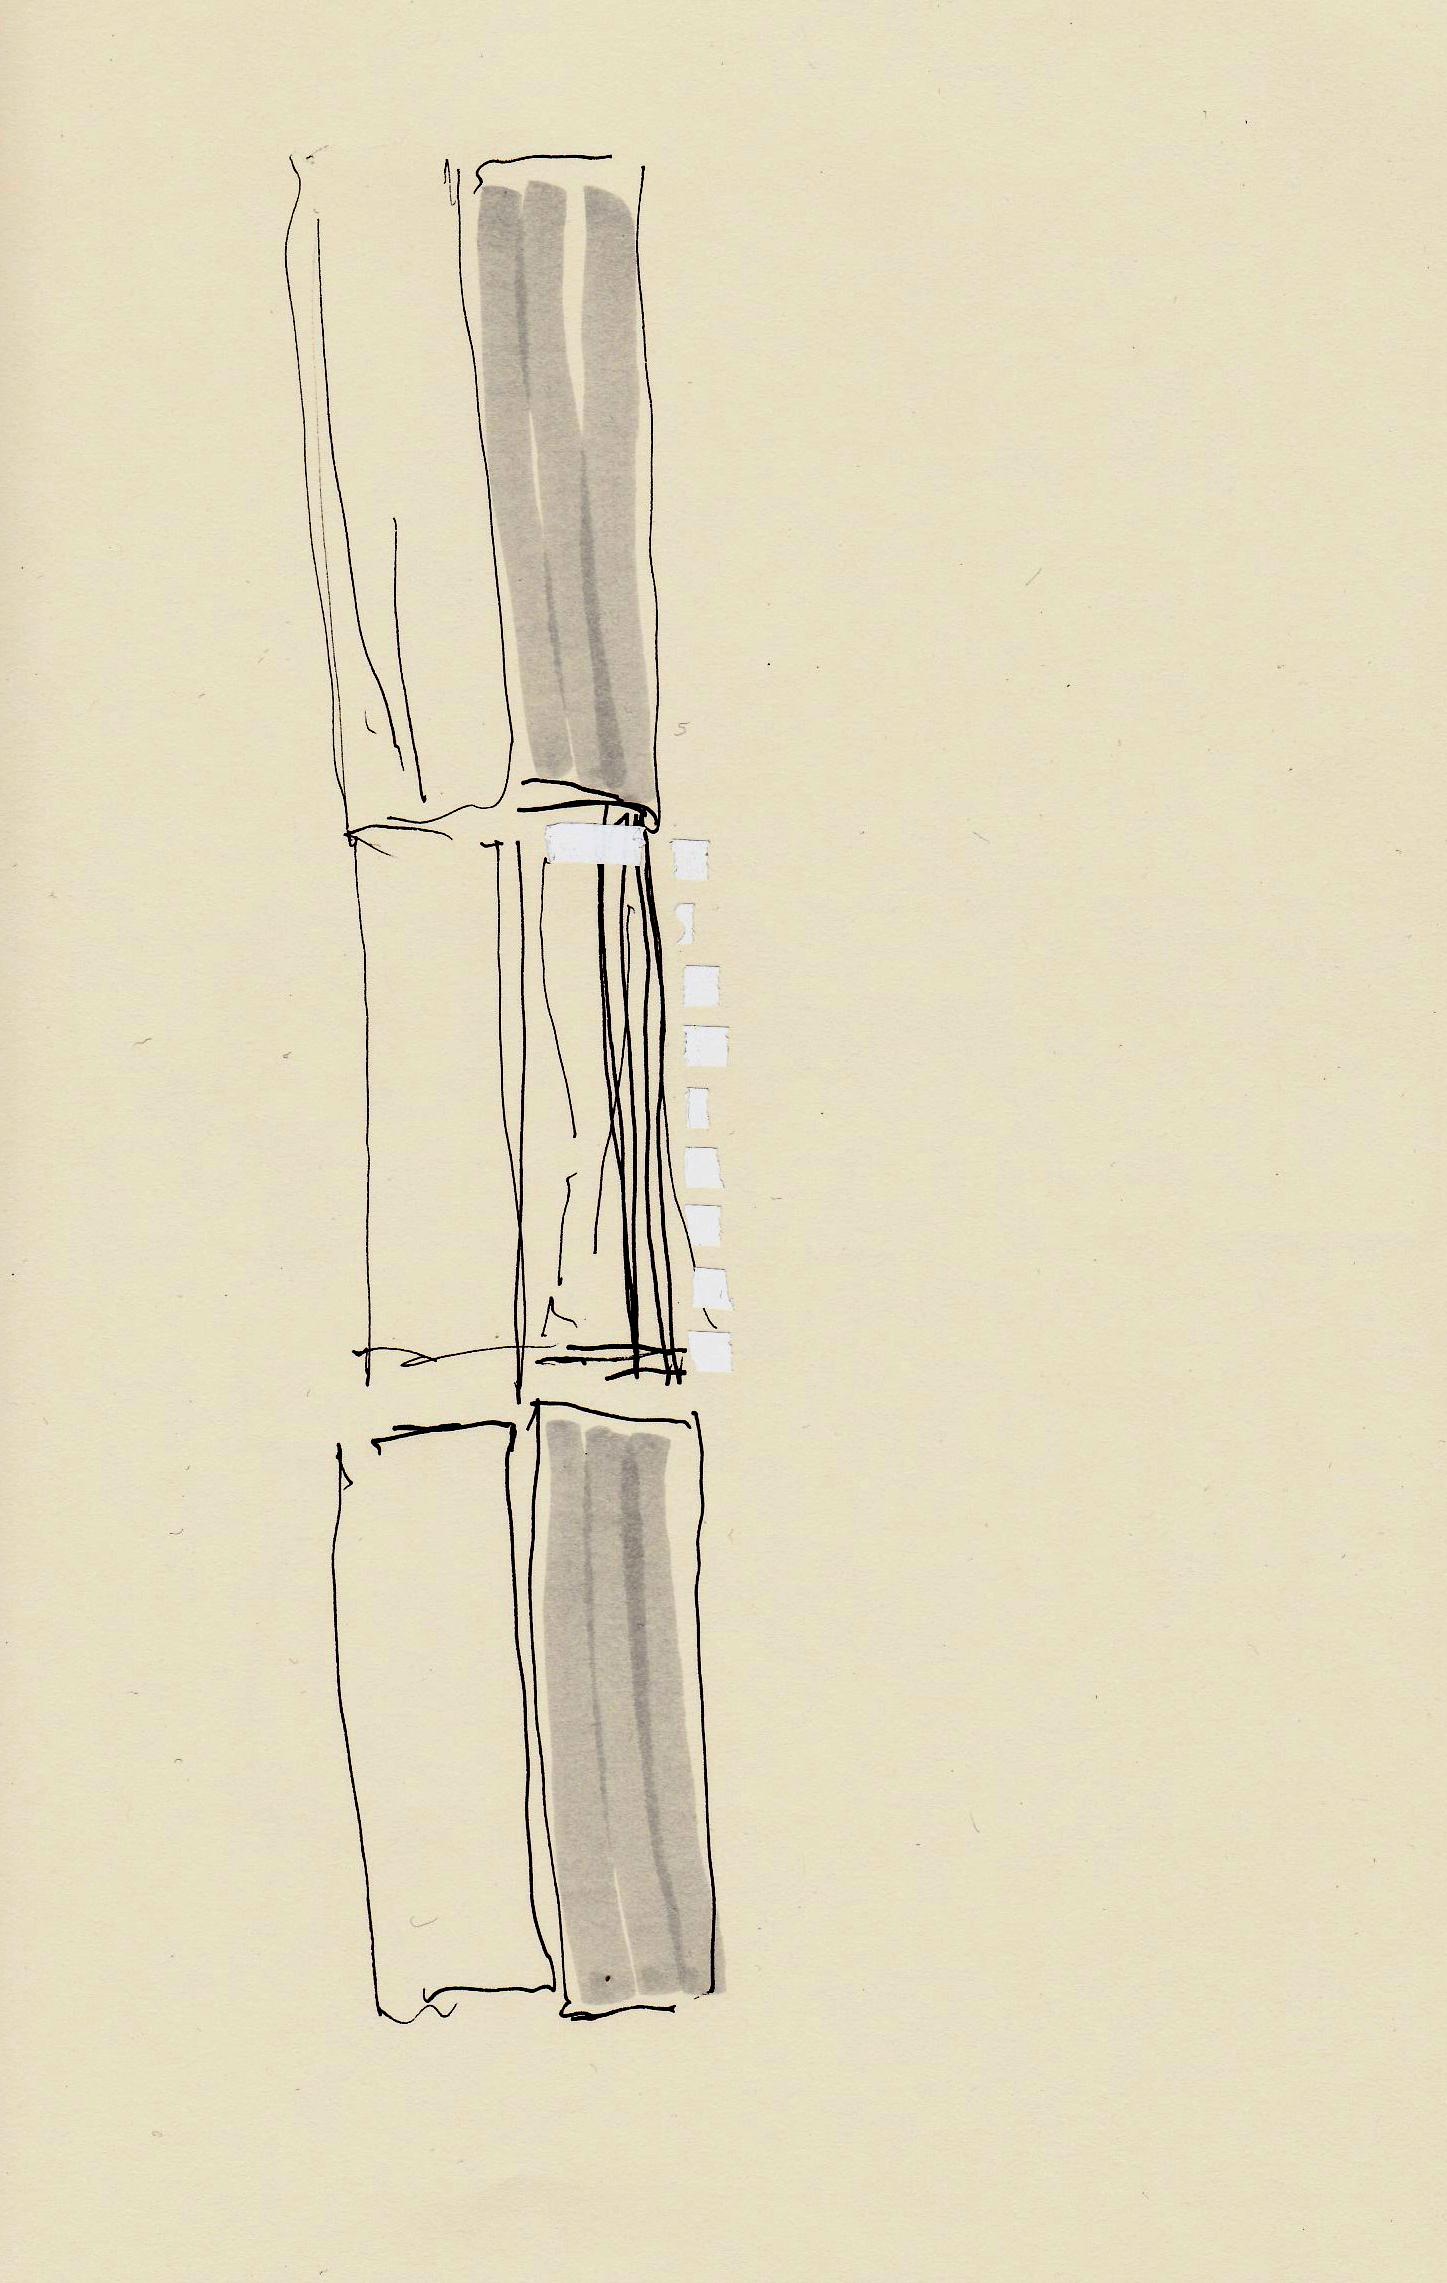 L. CHAOUAT Carnet 1.7 21x29 cm